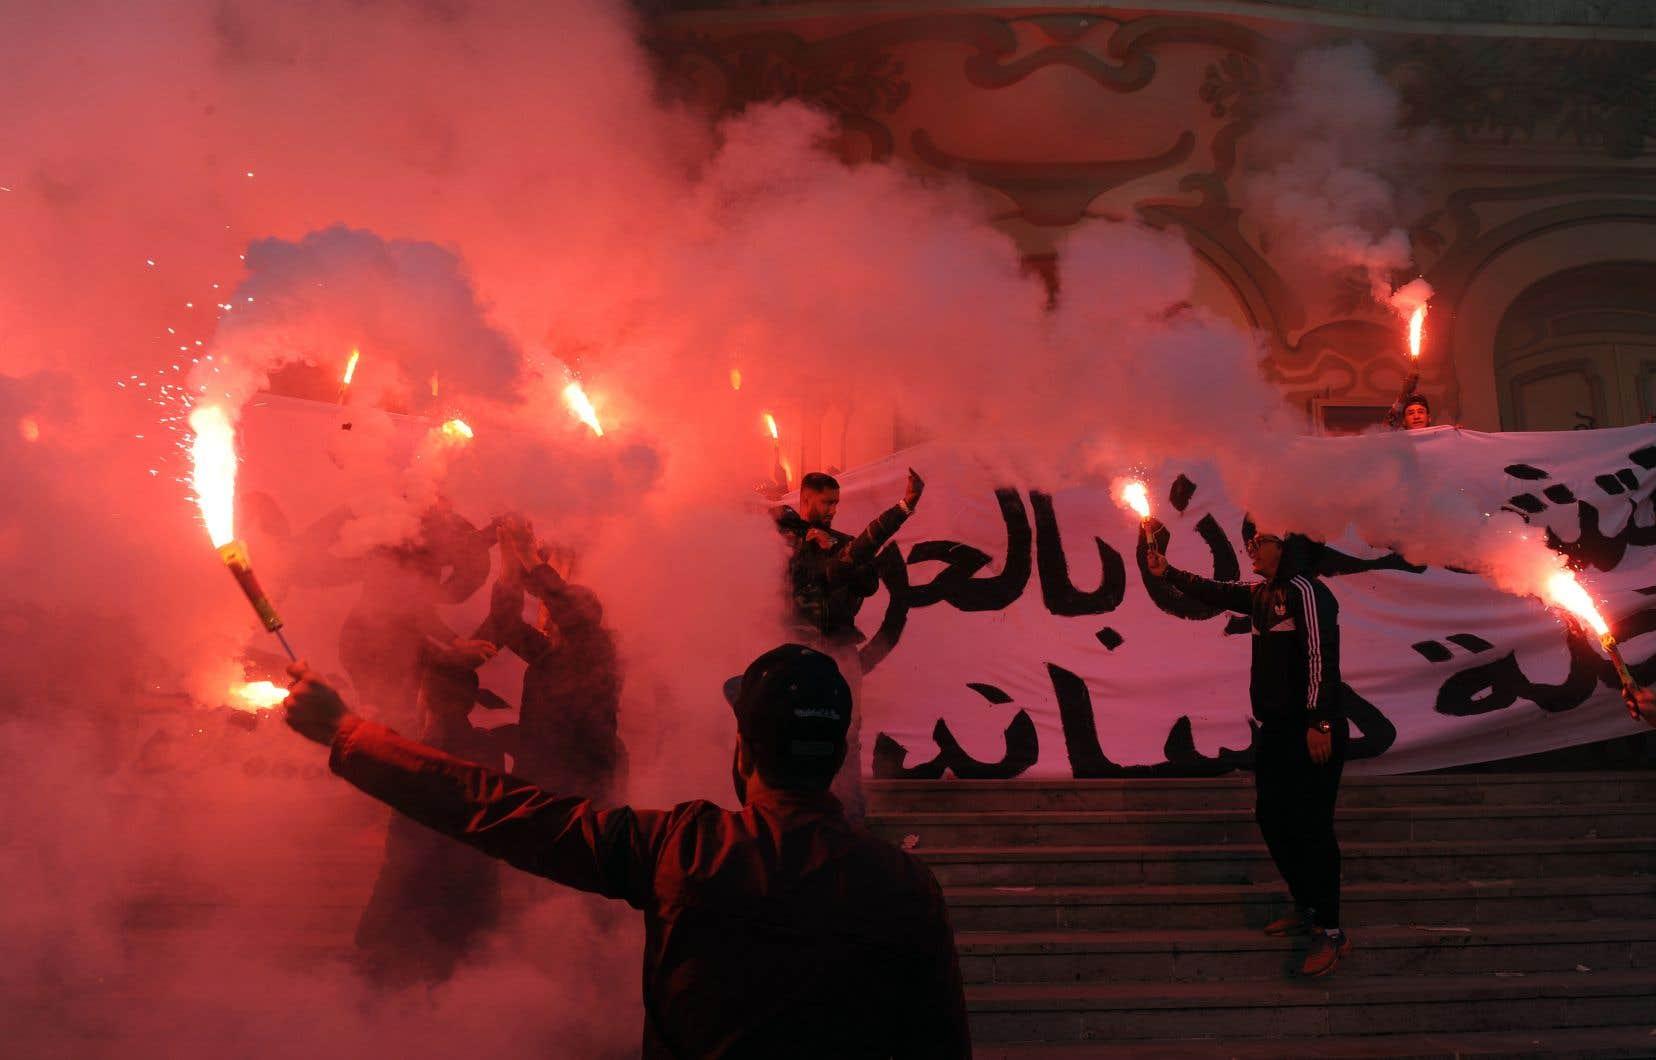 Des manifestants armés de fusées éclairantes ont protesté contre le gouvernement à Tunis, dimanche.